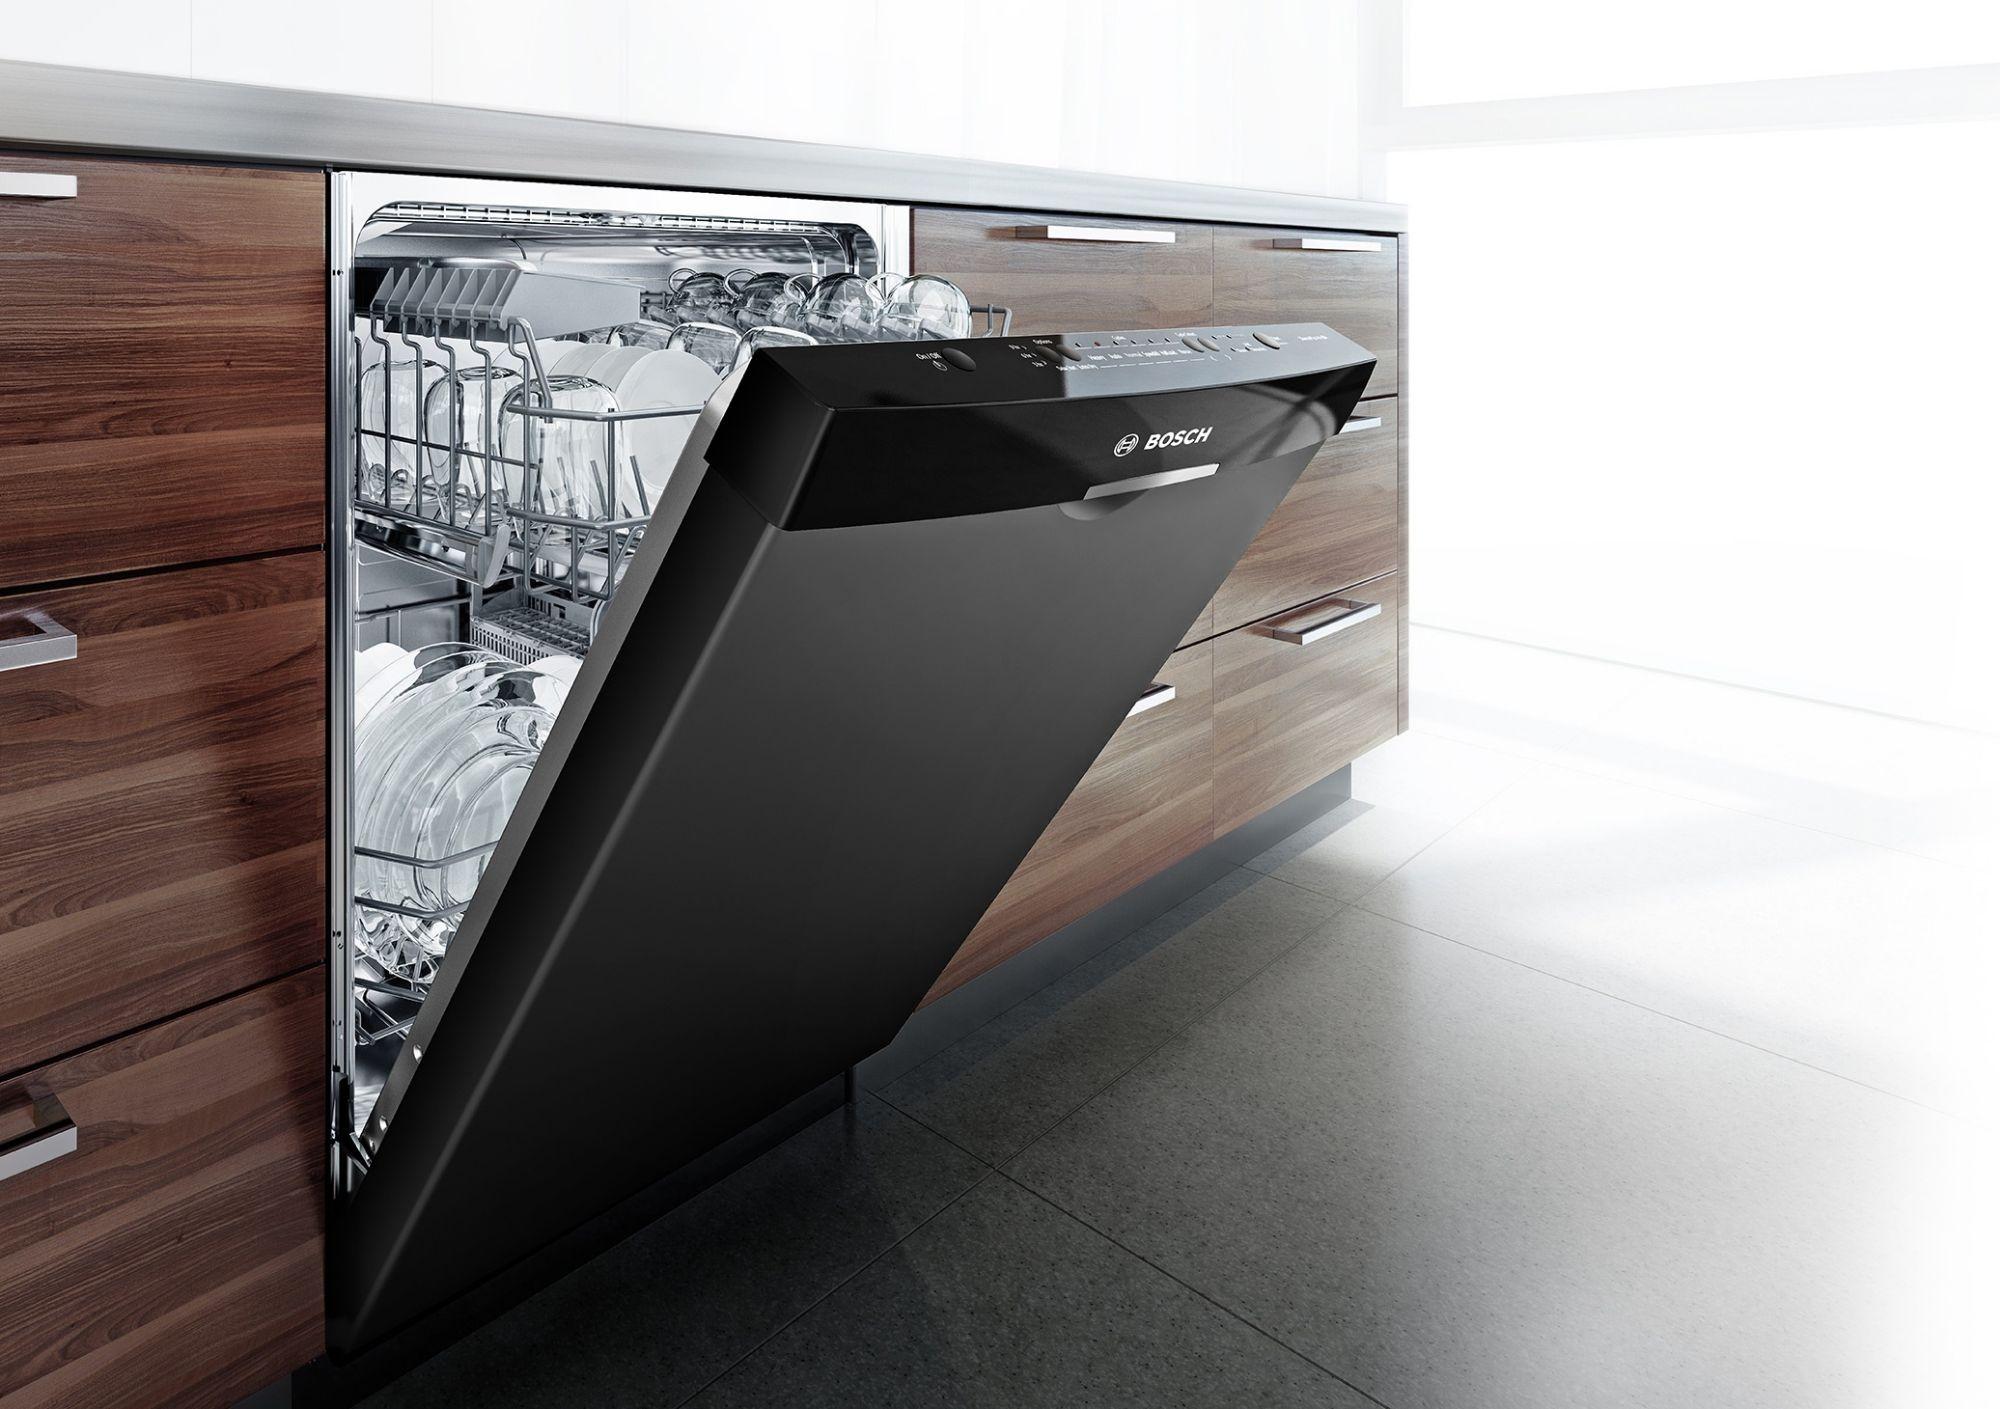 Dishwasher Installation Services Western Australia